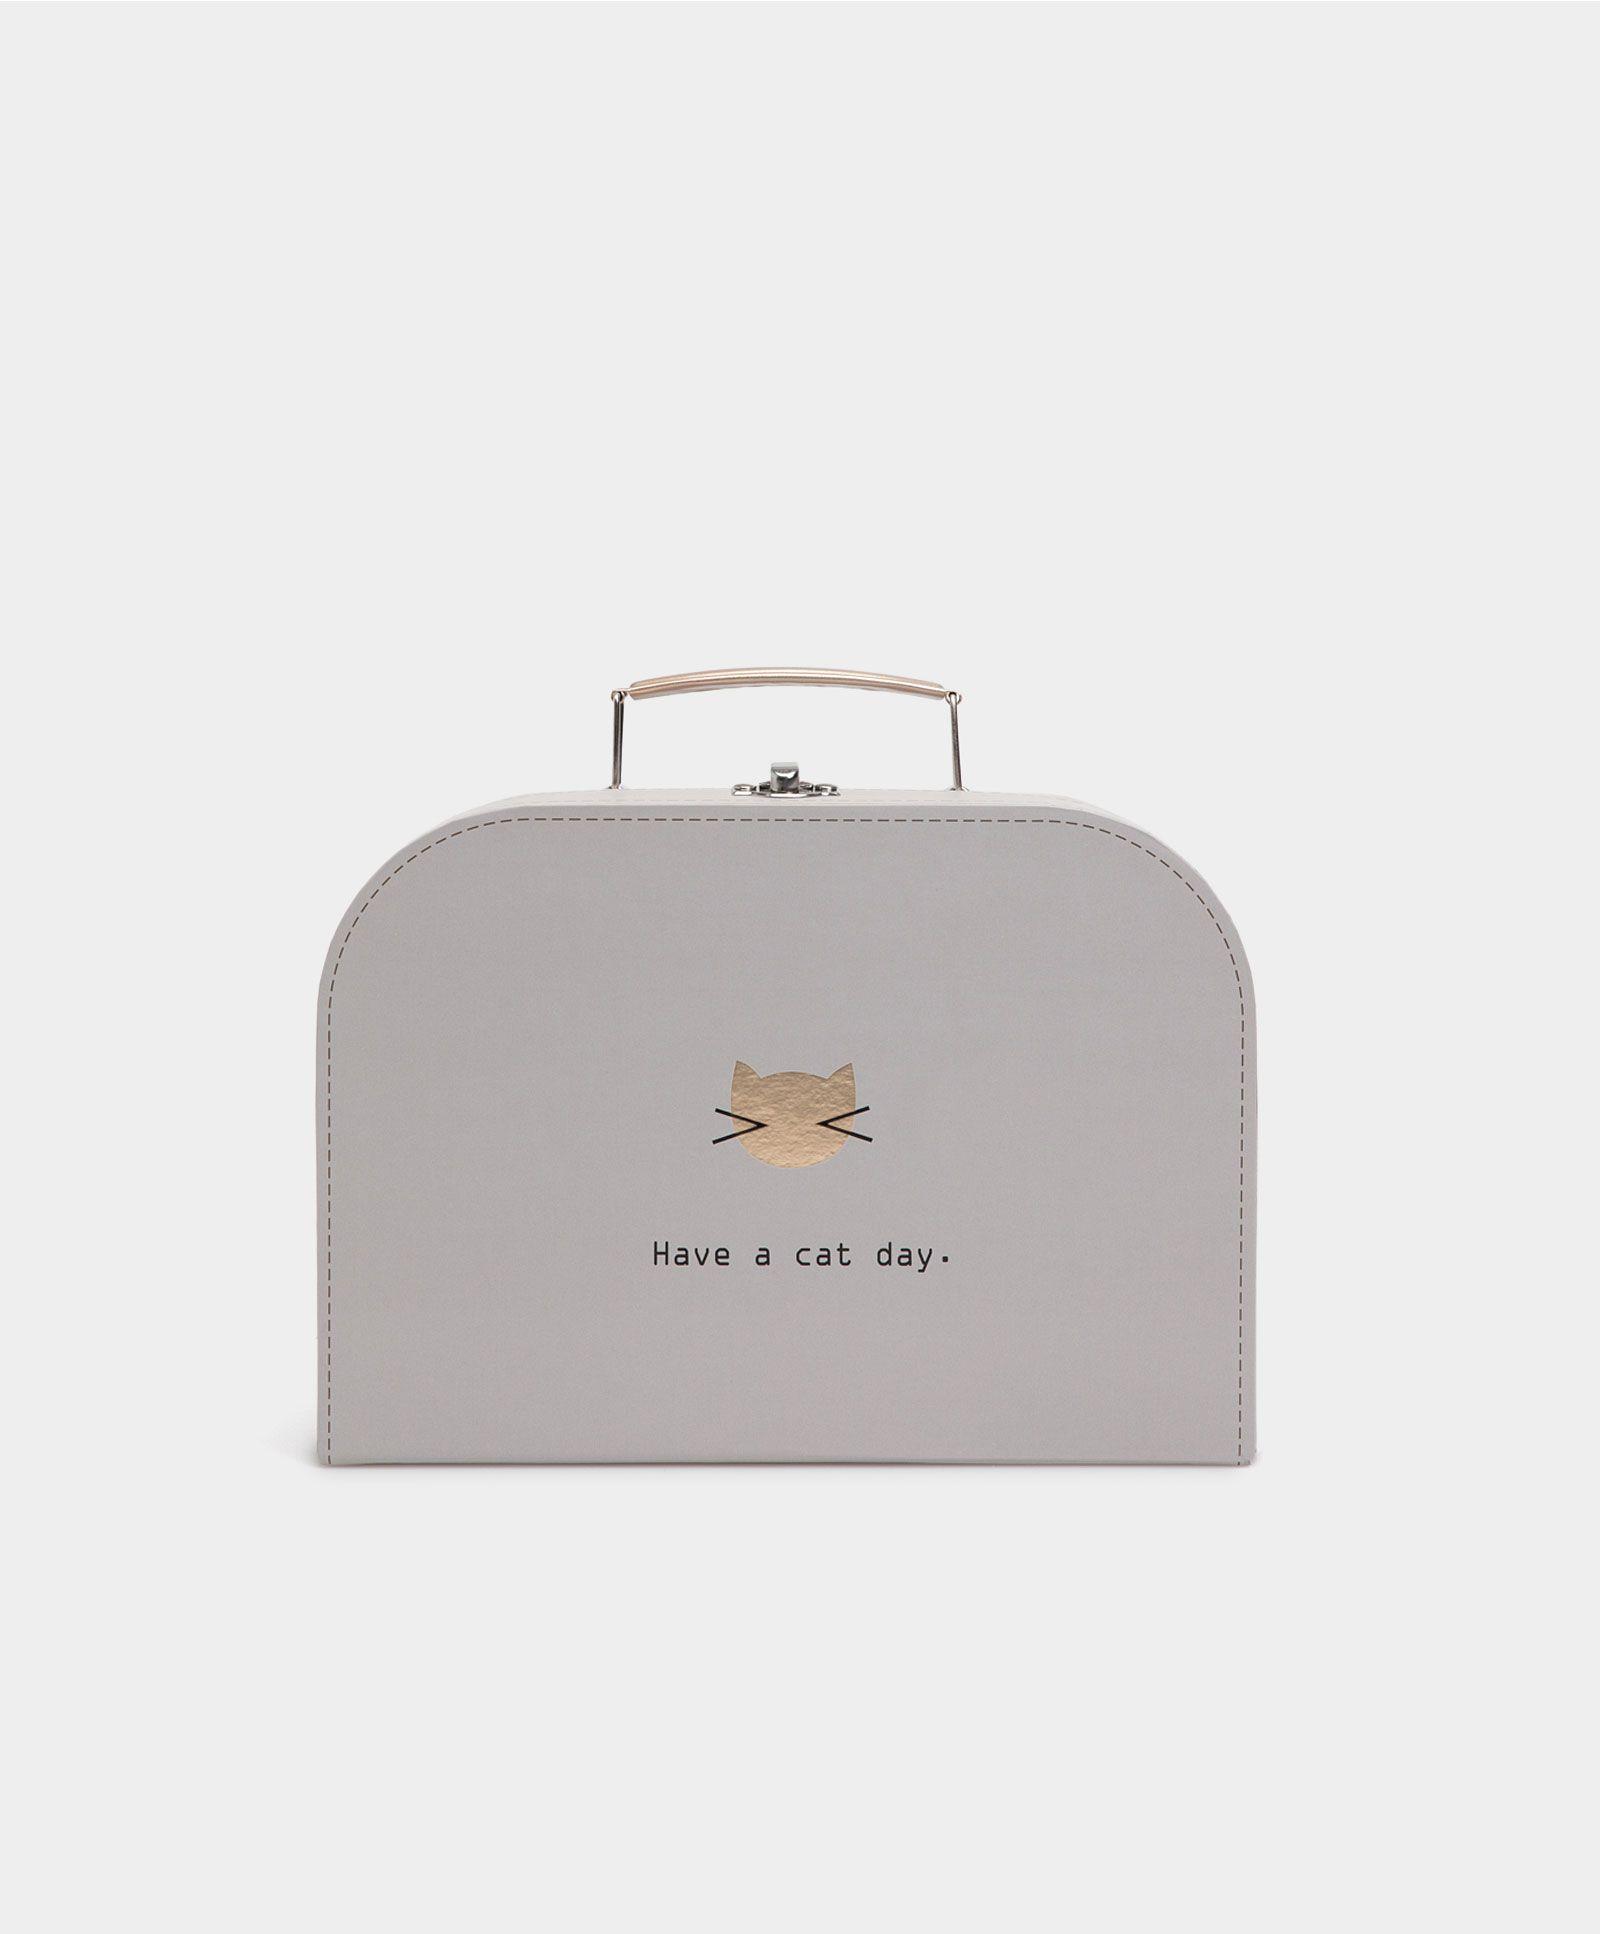 Boîte cat day - Accessoires - NUIT | Automne Hiver 2016 - Oysho België/Belgique